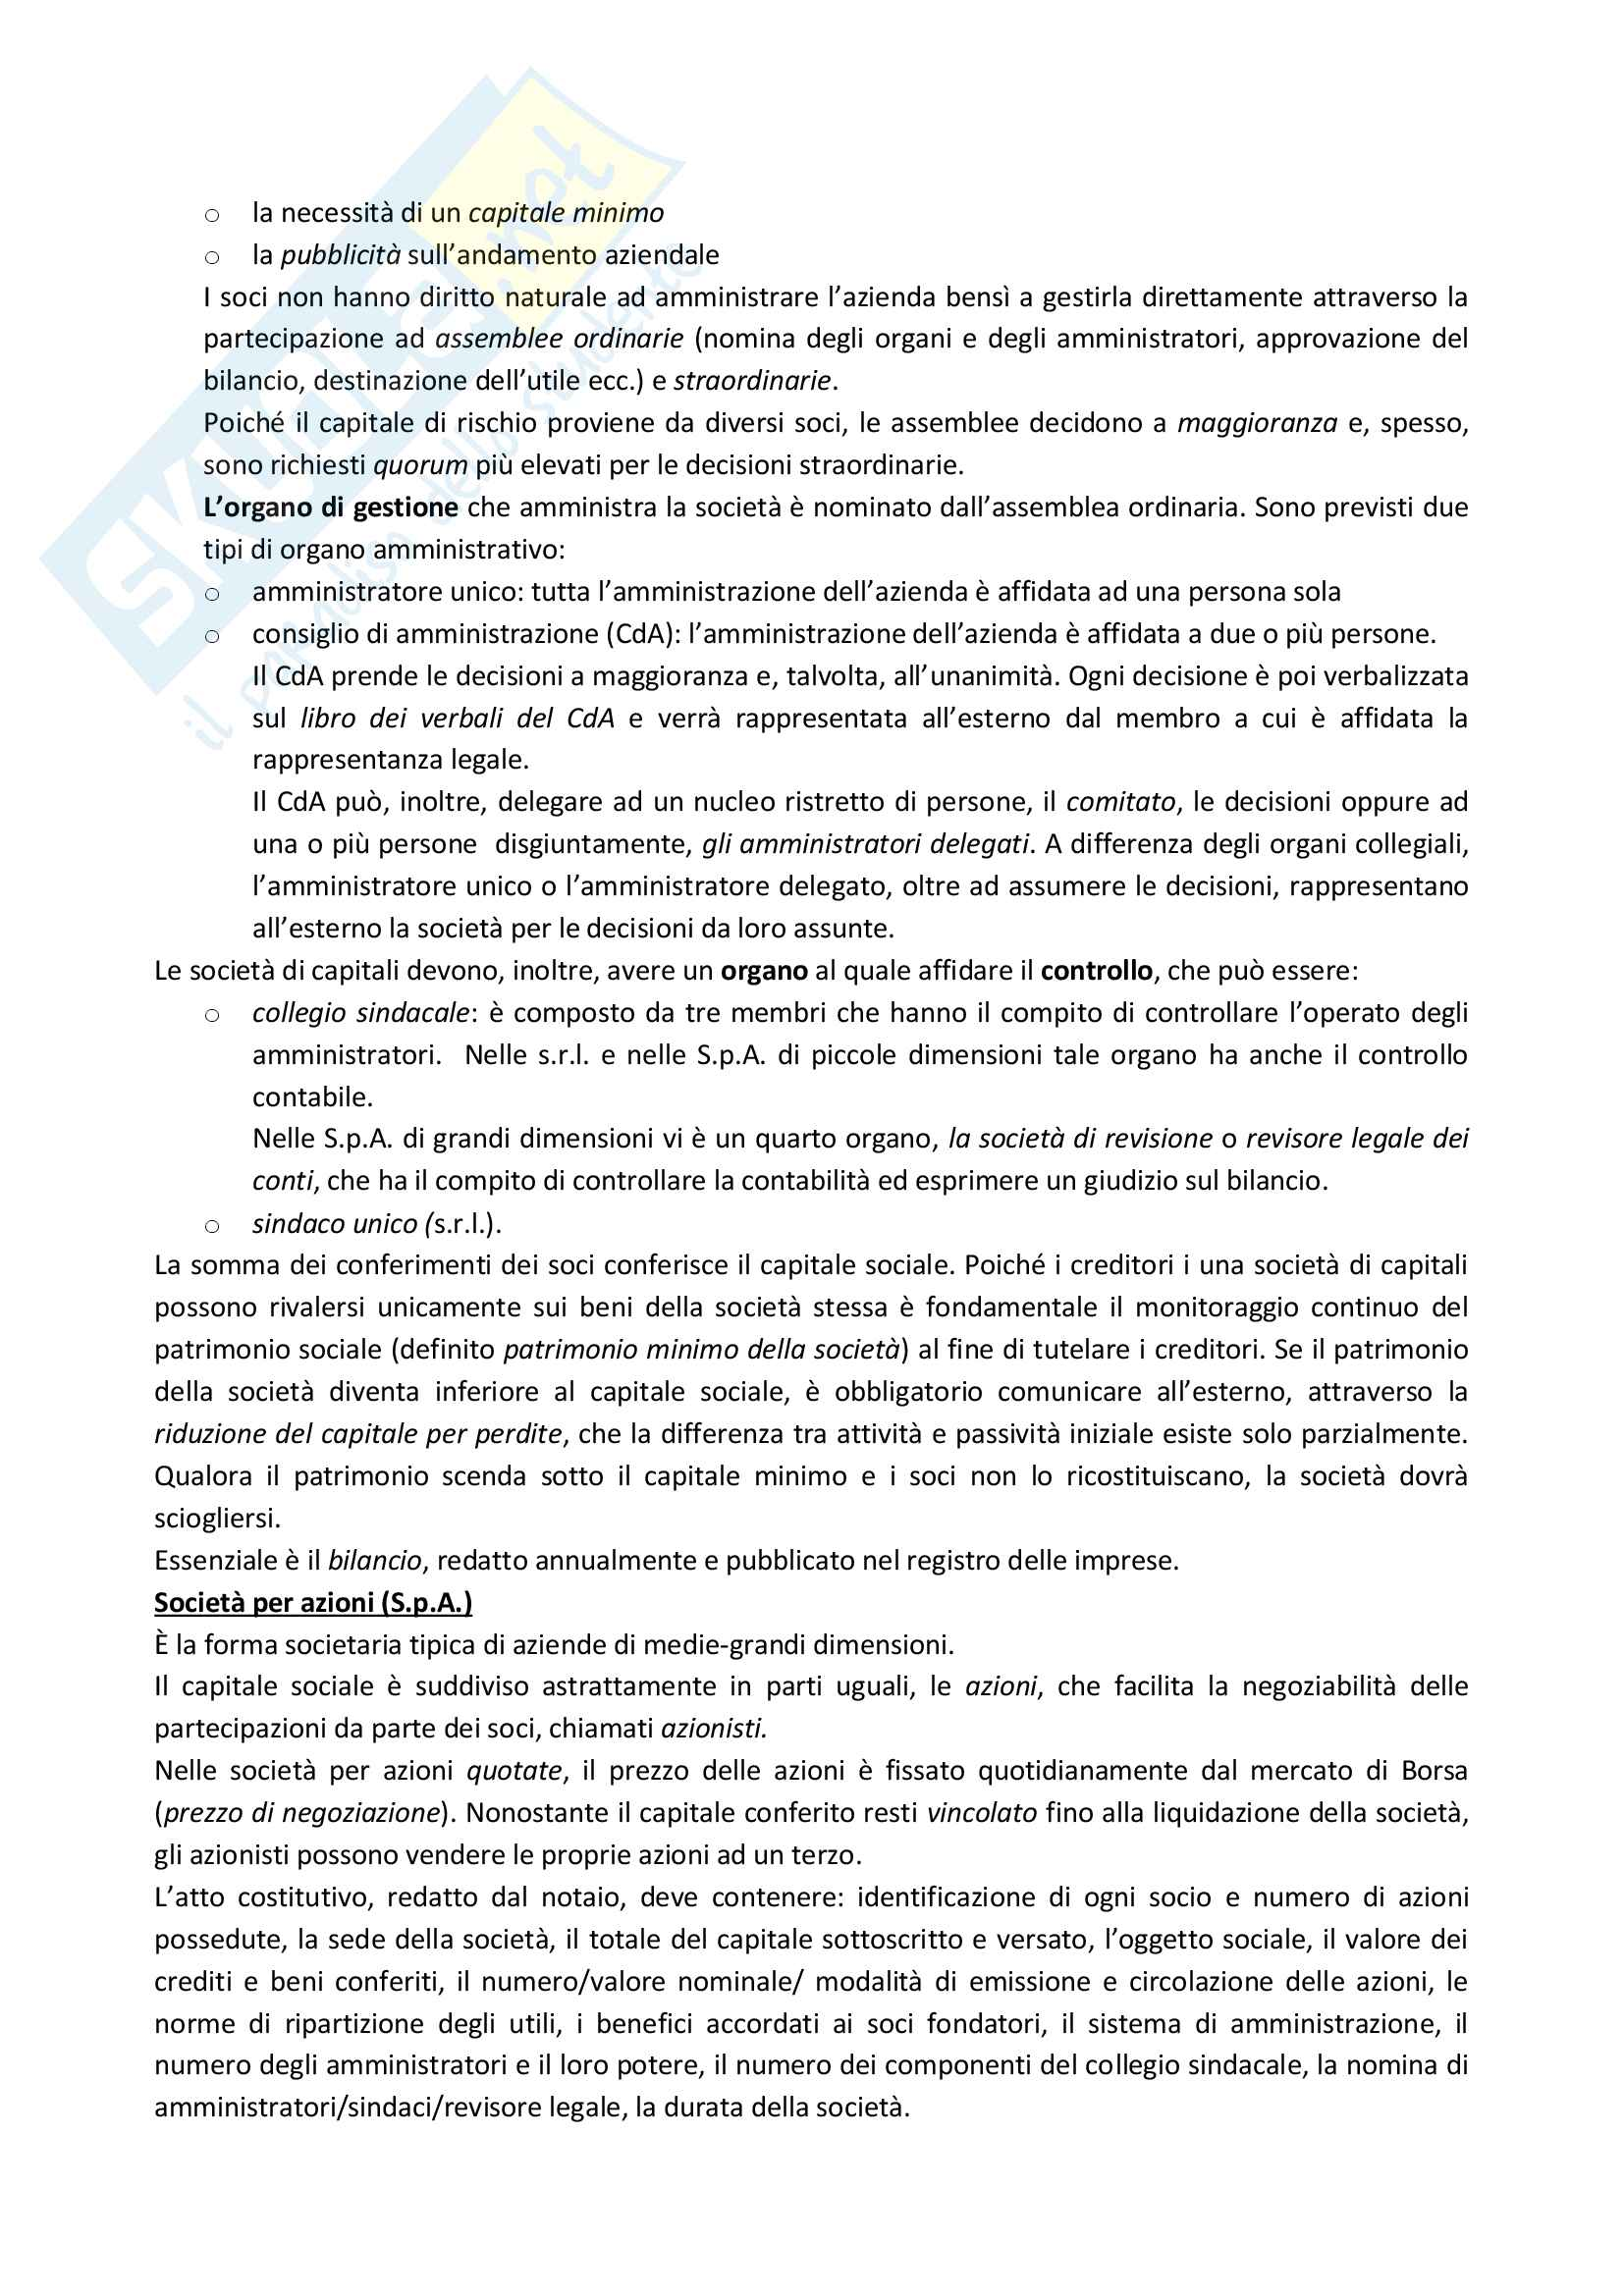 Riassunto Economia Aziendale prof. Cantino, prima parte Pag. 16